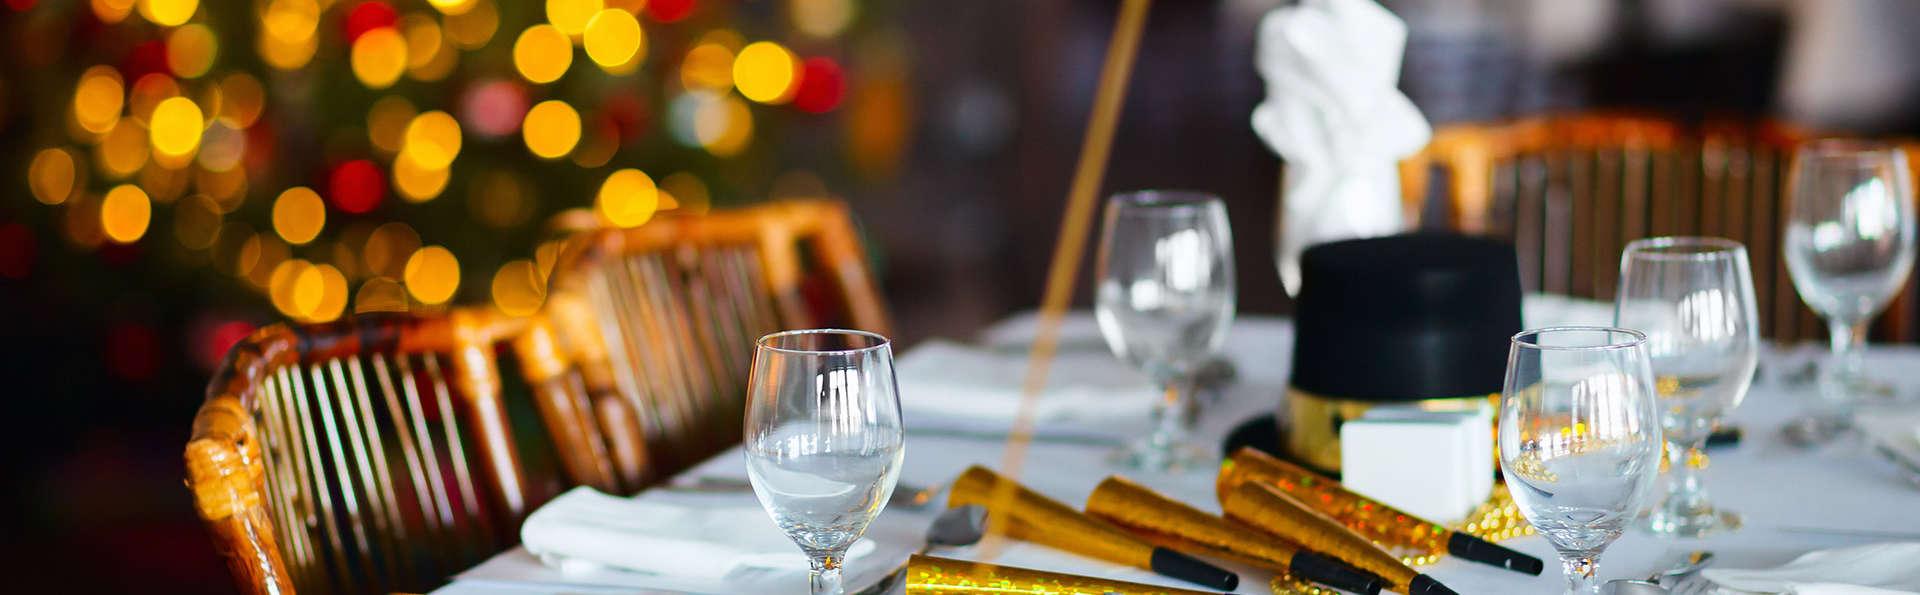 Réveillon en famille à Pampelune avec dîner dans un restaurant de la vieille ville.